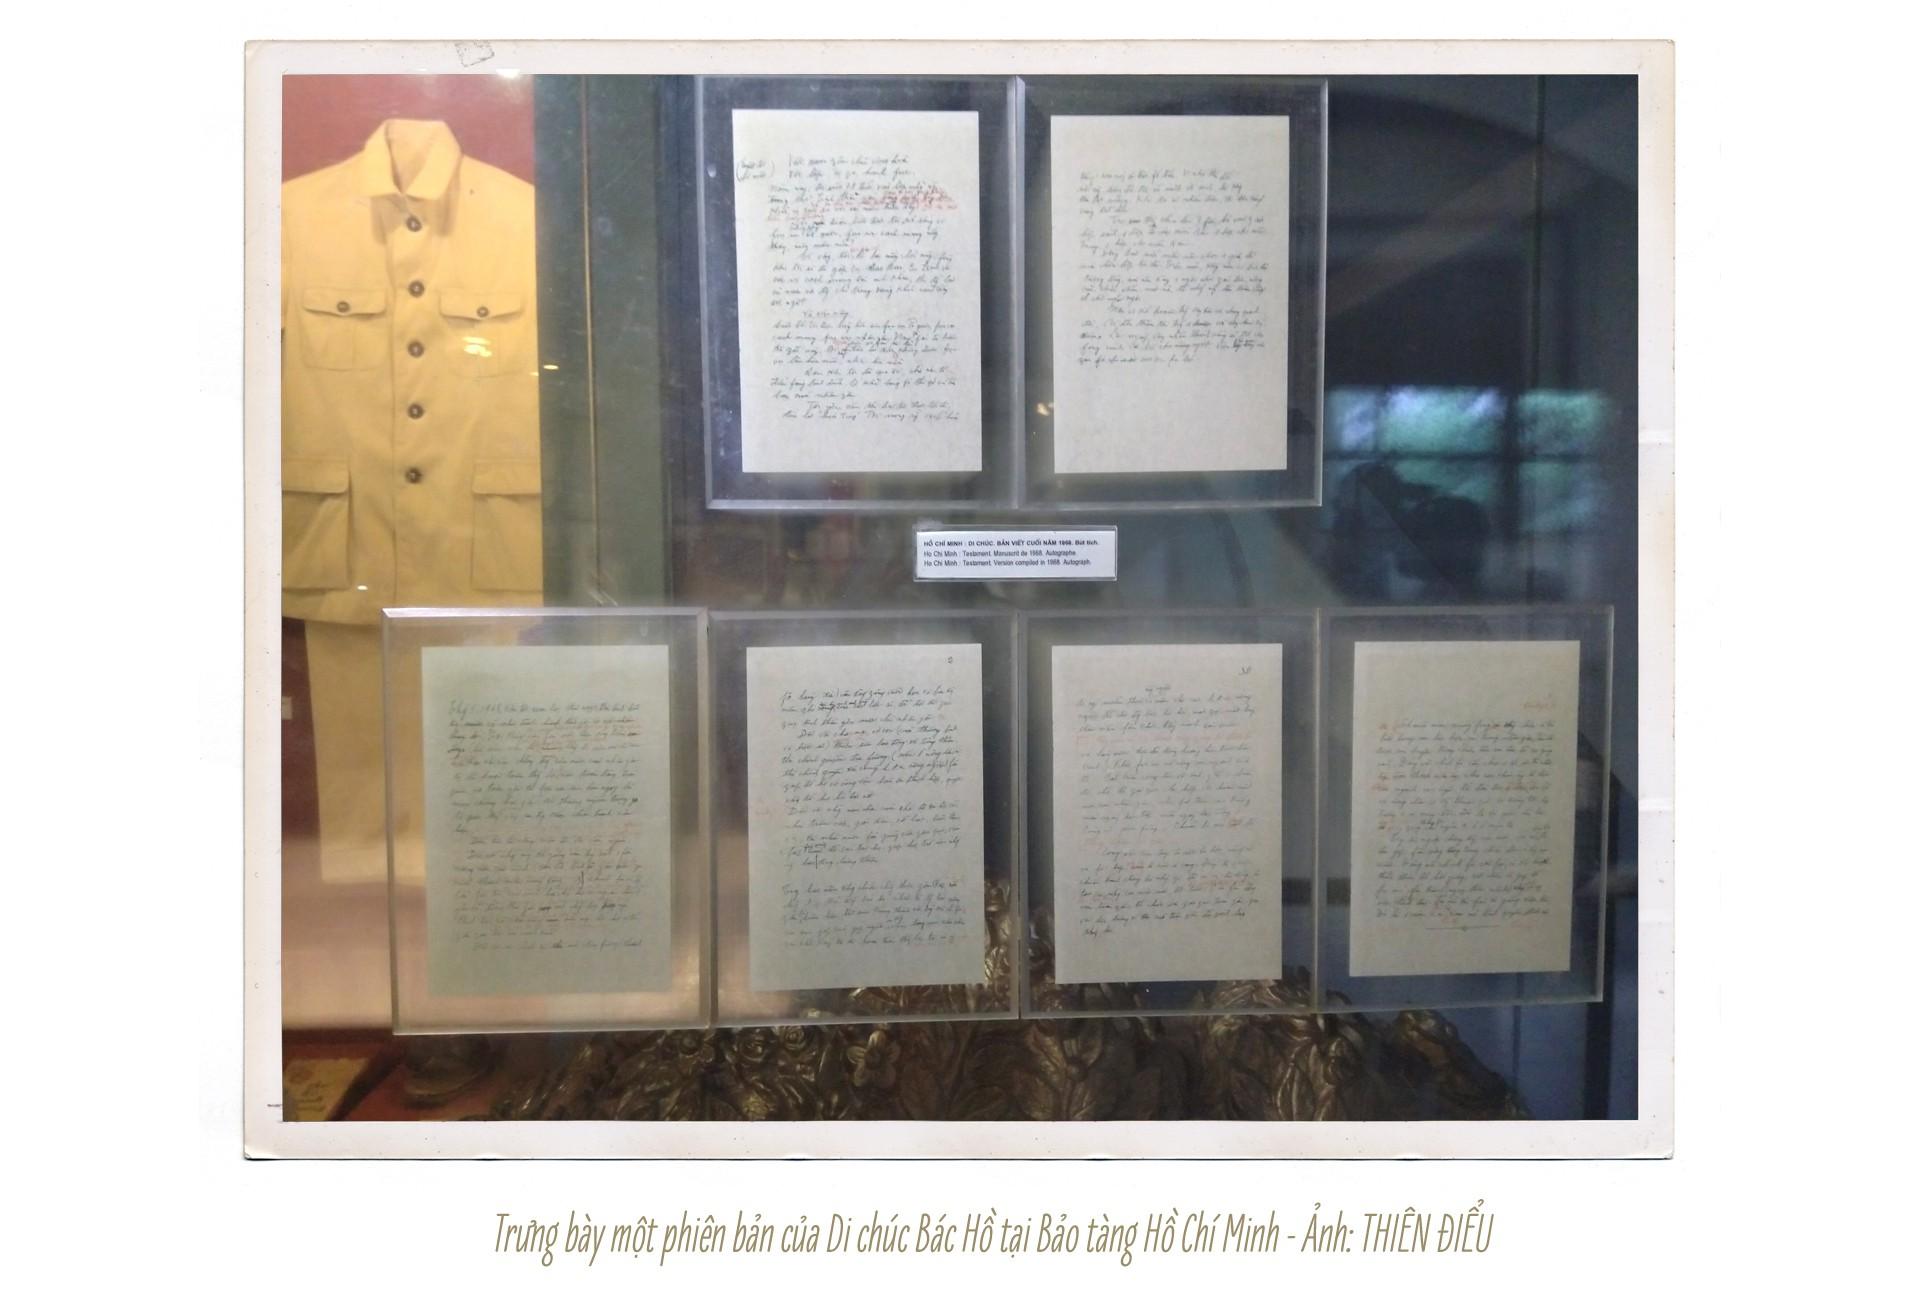 Chuyện chưa kể về bản Di chúc và những kỷ vật đặc biệt của Bác Hồ - Ảnh 7.